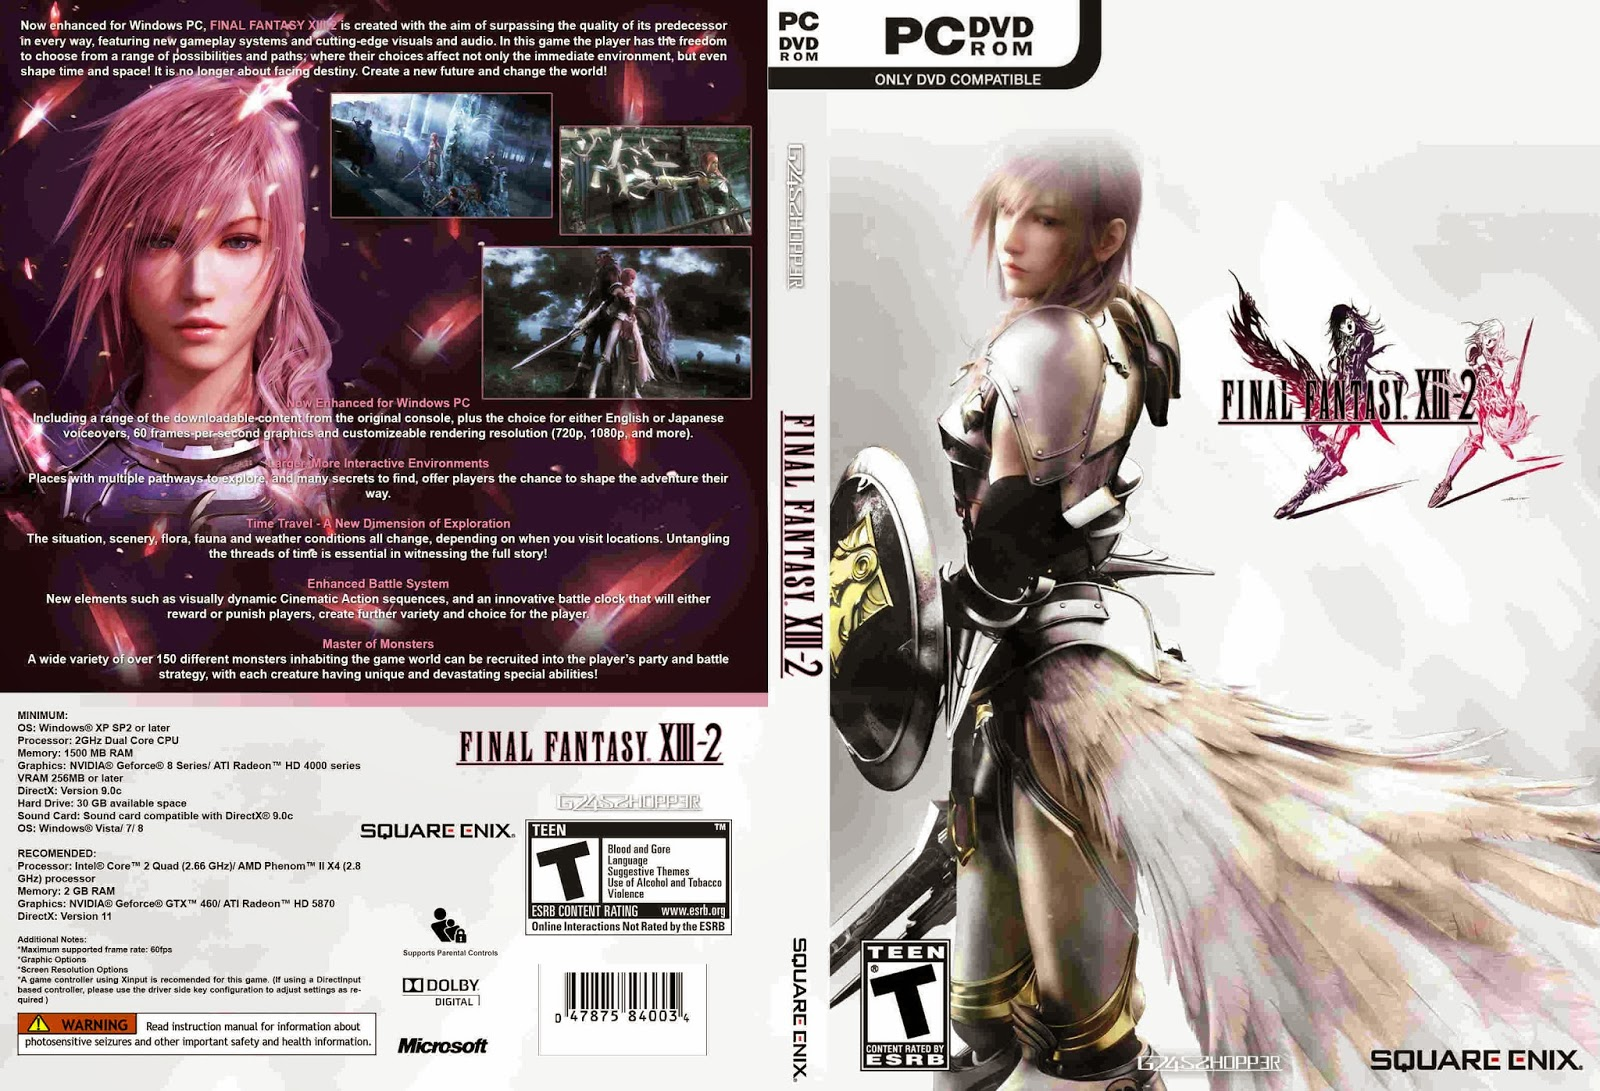 Capas Brasil Grátis 3: Final Fantasy XIII-2 - Cover PC Game